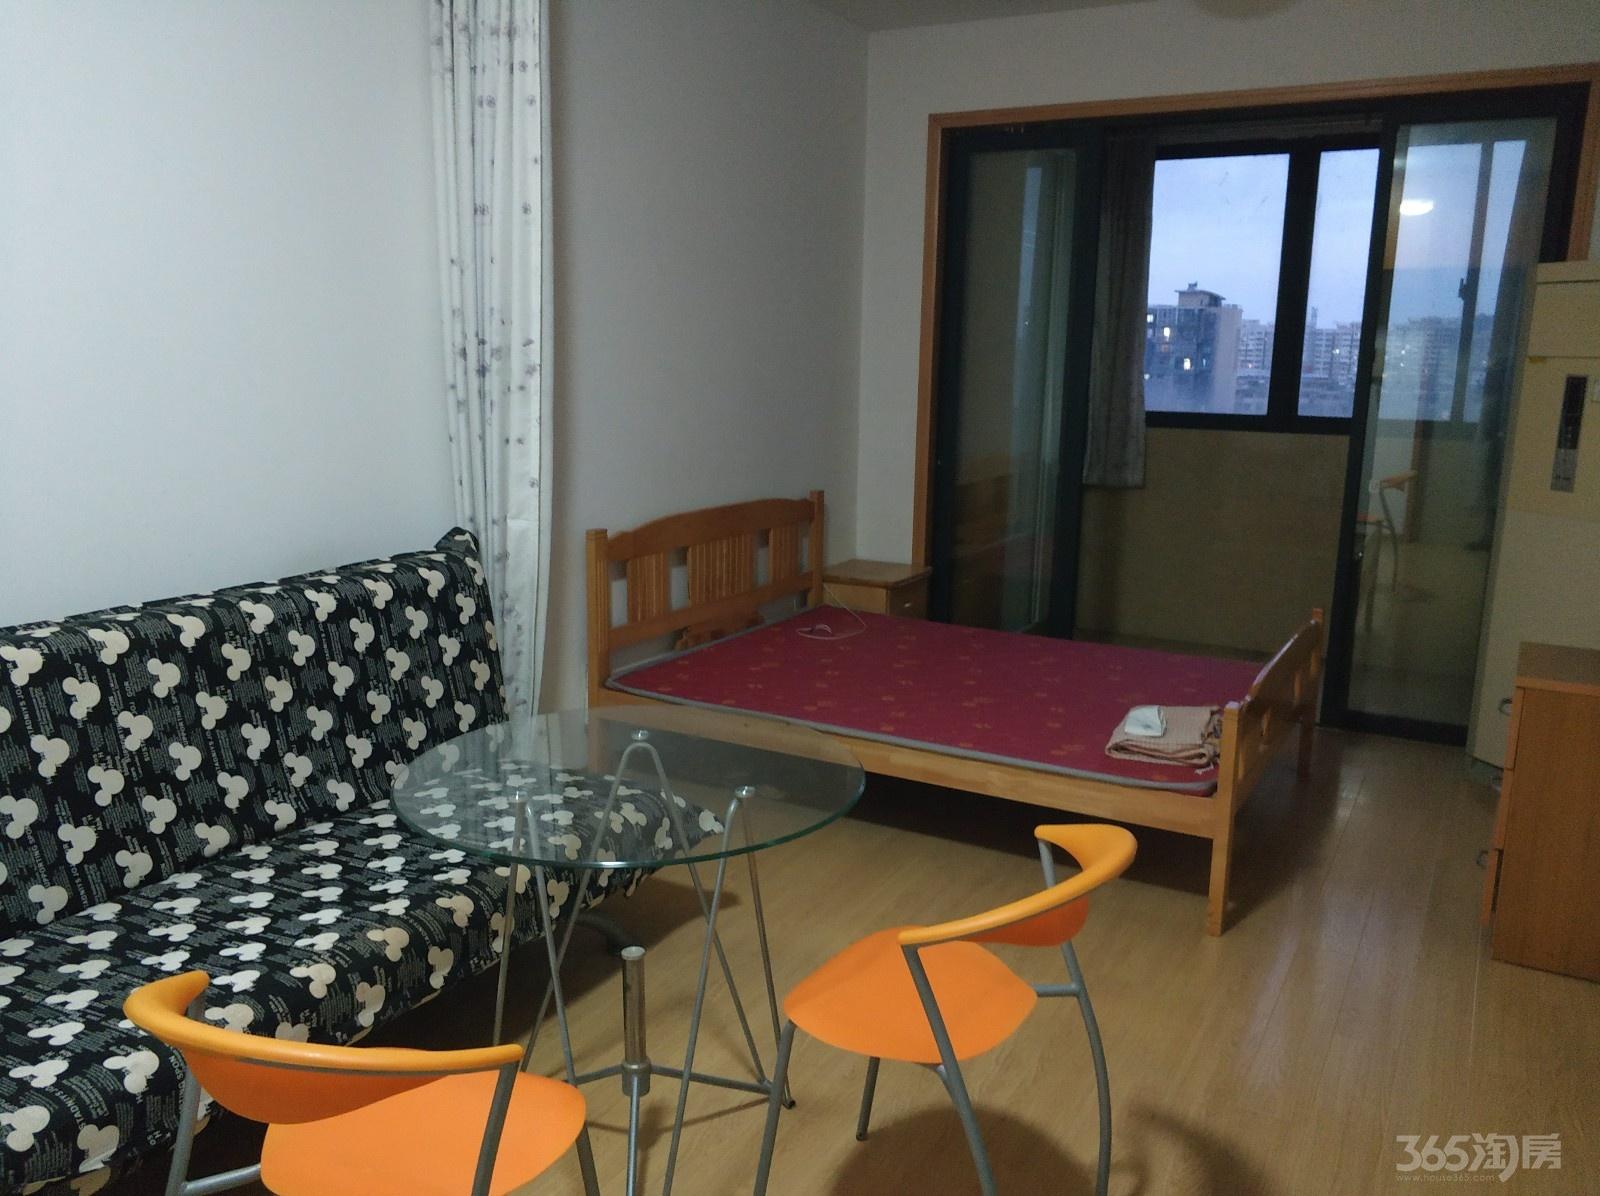 栖霞区晓庄方圆城市绿洲二期1室1厅户型图